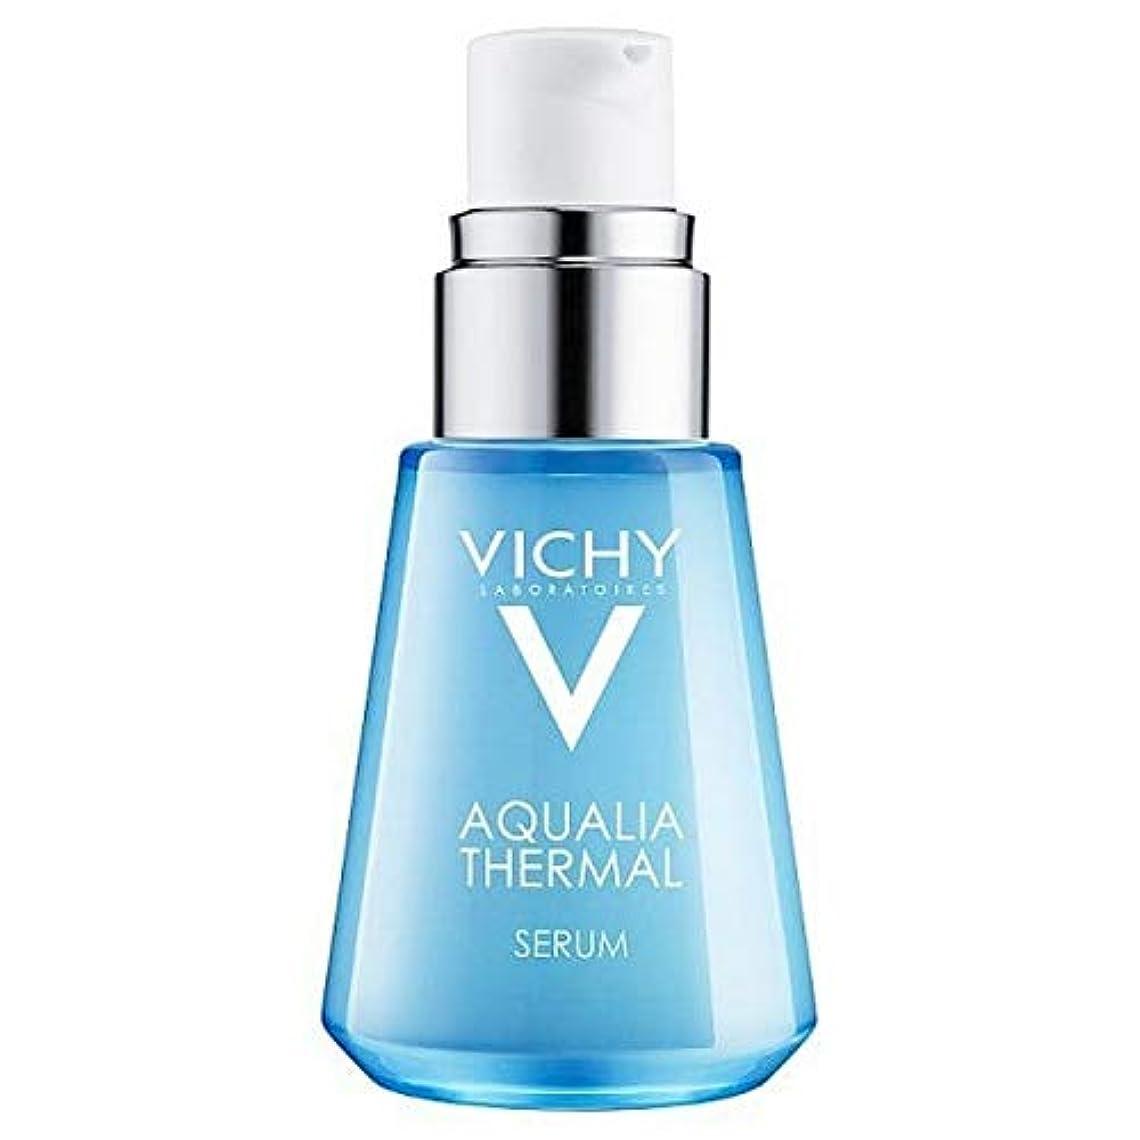 マイクロ頬骨好戦的な[Vichy] 熱血清顔30ミリリットルAqualiaヴィシー - Vichy Aqualia Thermal Serum Face 30ml [並行輸入品]